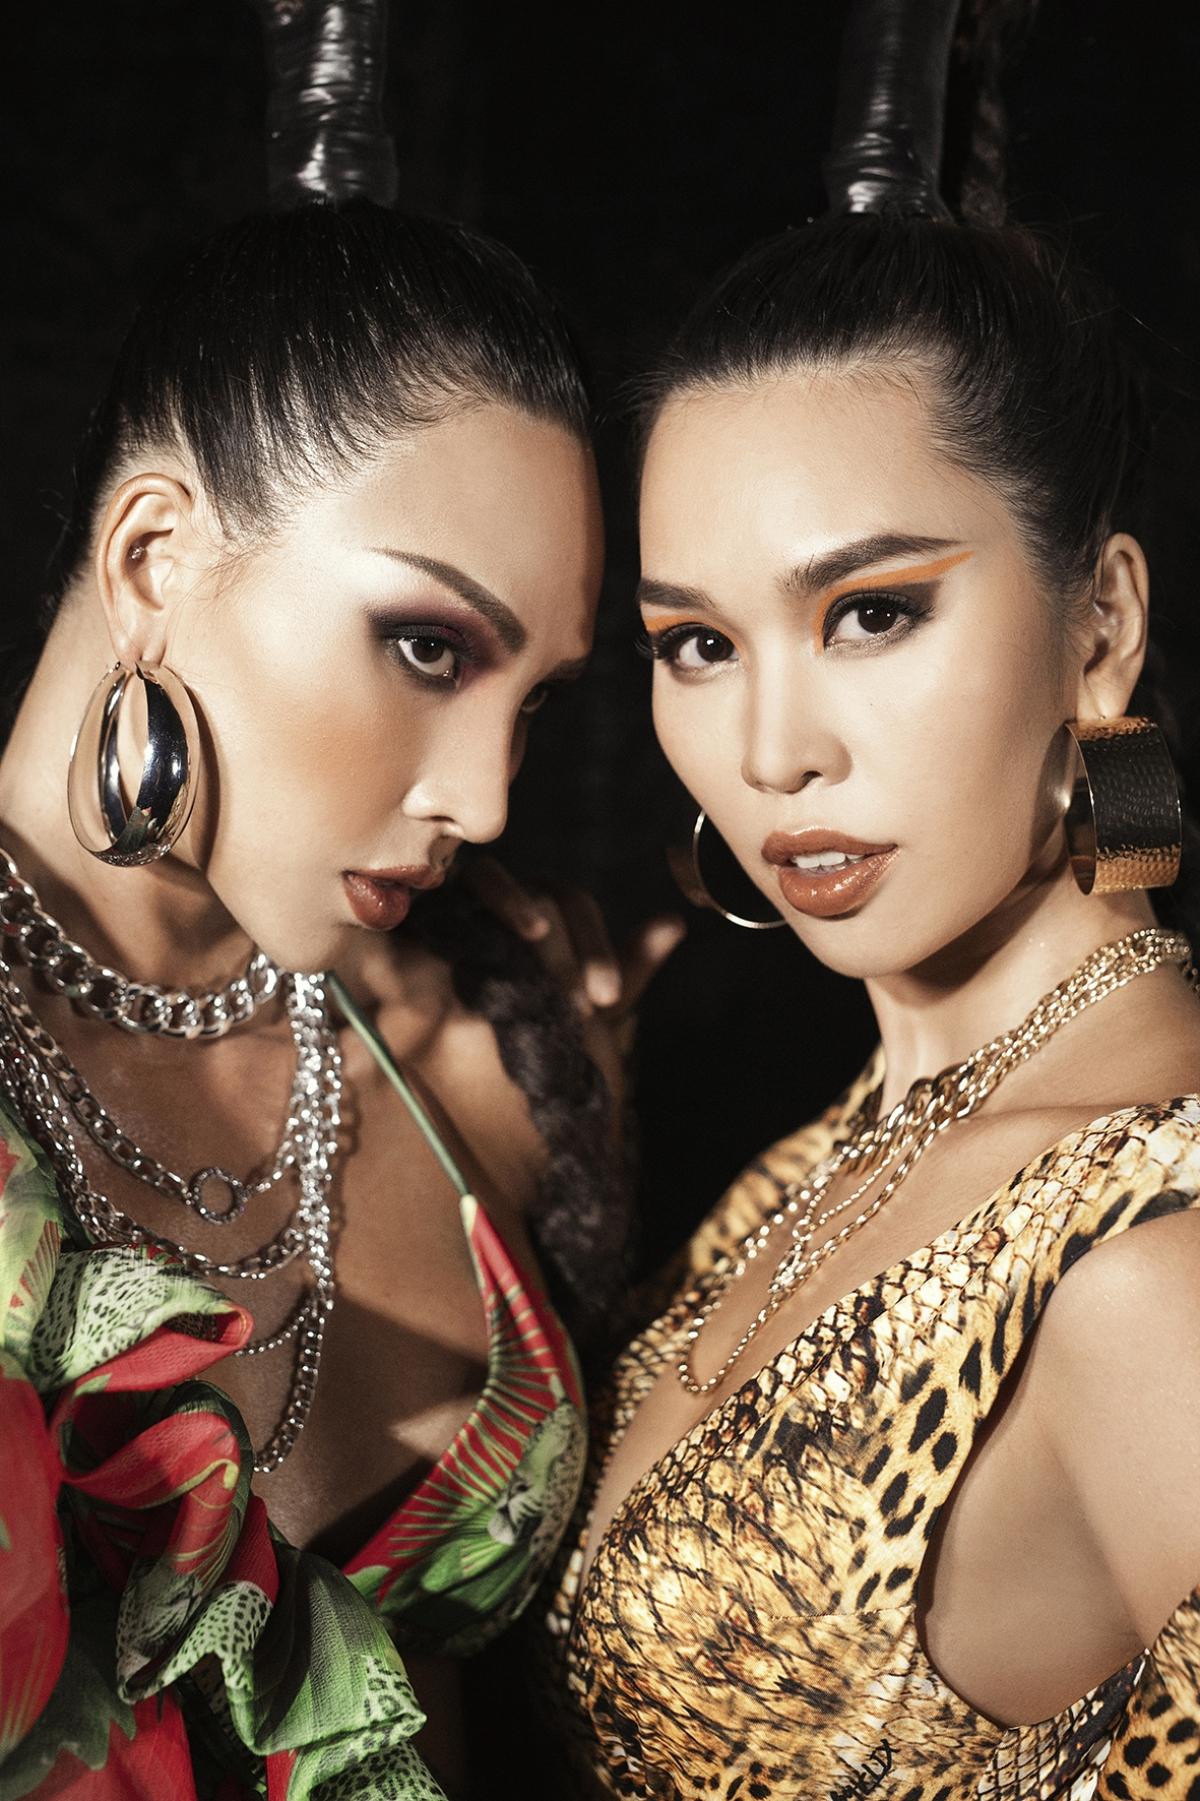 Siêu mẫu Minh Triệu và Hà Anh lần lượt xuất hiện phần mở đầu và chào kết ấn tượng với những bộ cánh lộng lẫy, thướt tha nhưng không kém phần cá tính.